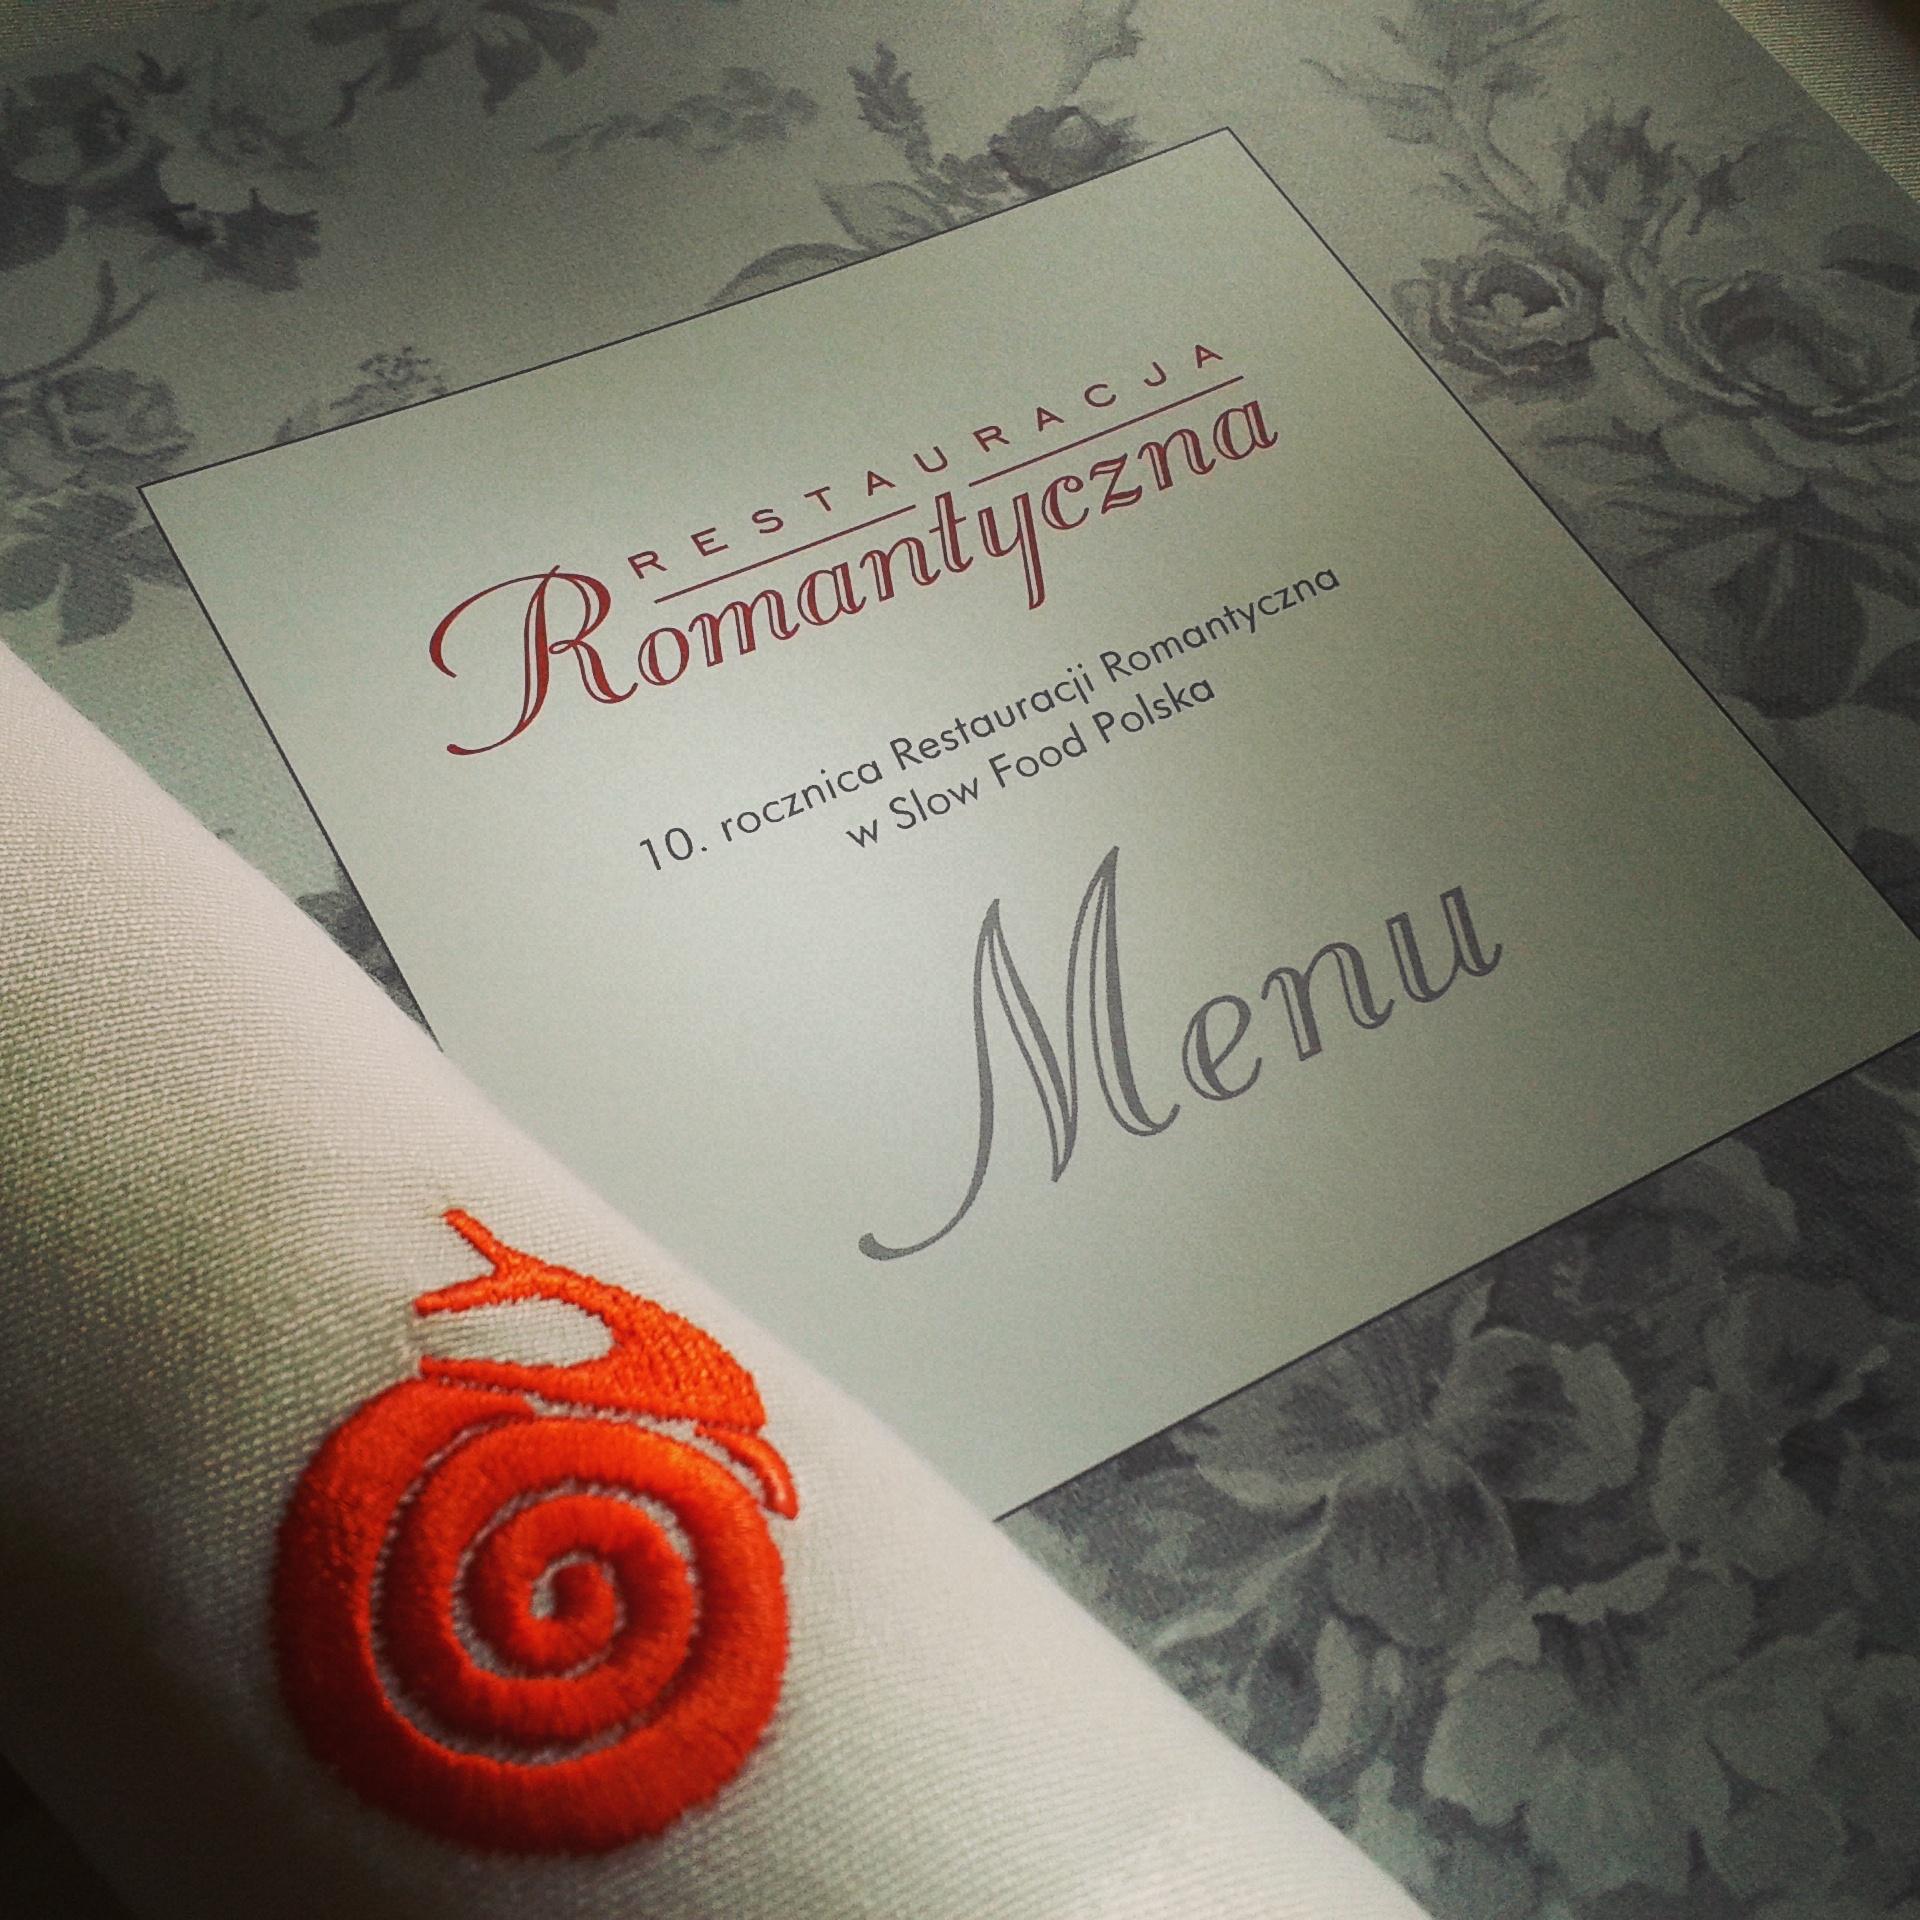 10 lat Restauracji Romantyczna na rzecz Slow Food